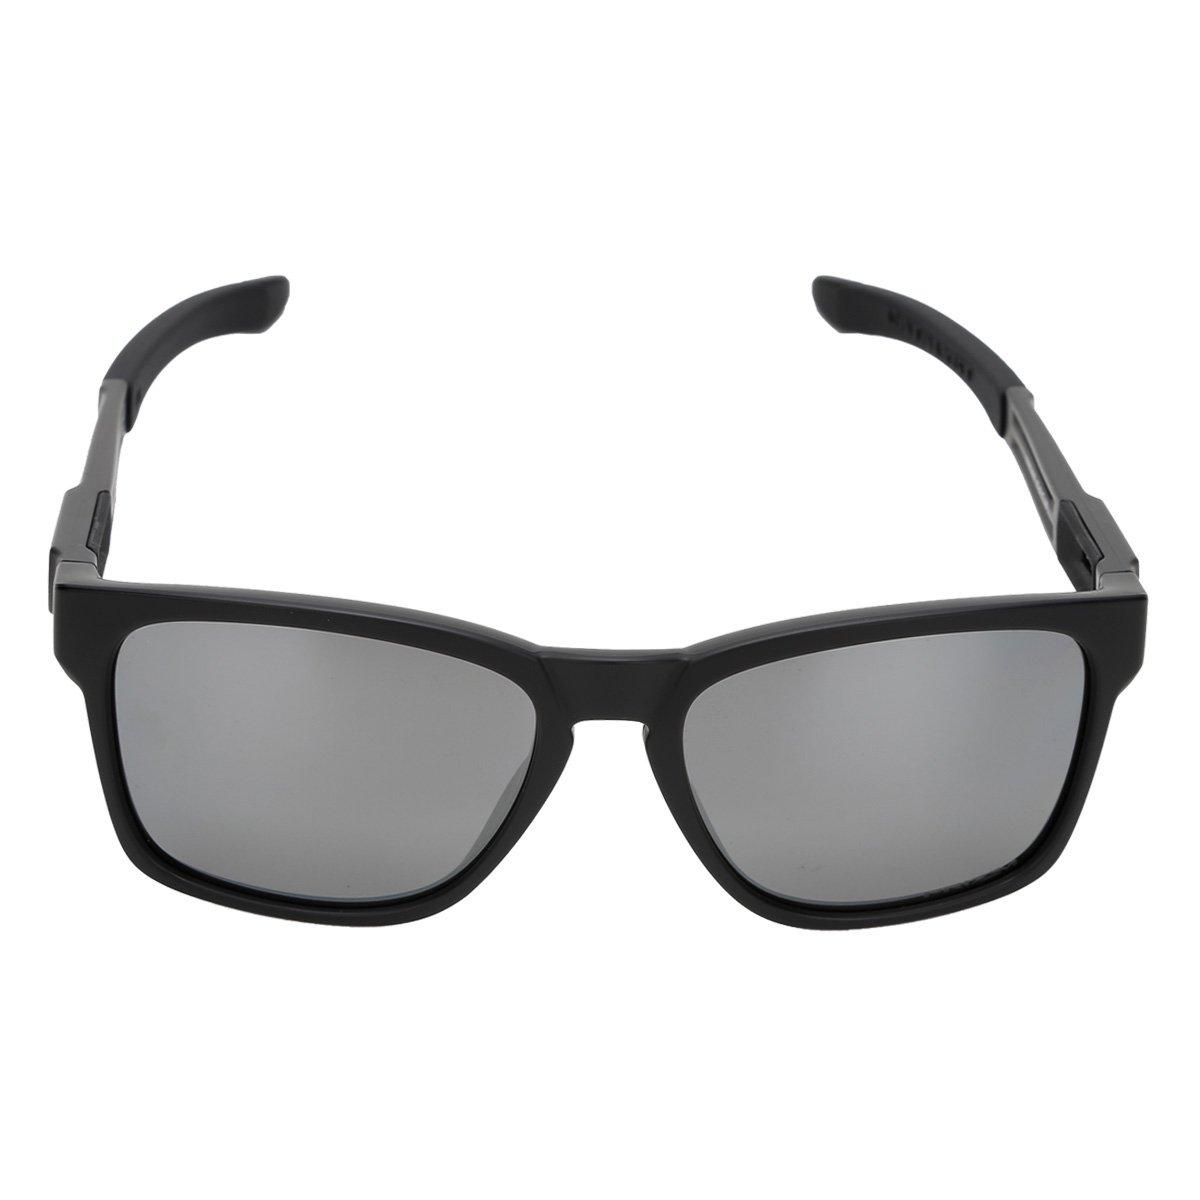 Óculos de Sol de Sol Oakley Catalyst - Compre Agora   Netshoes 43ea6431b4